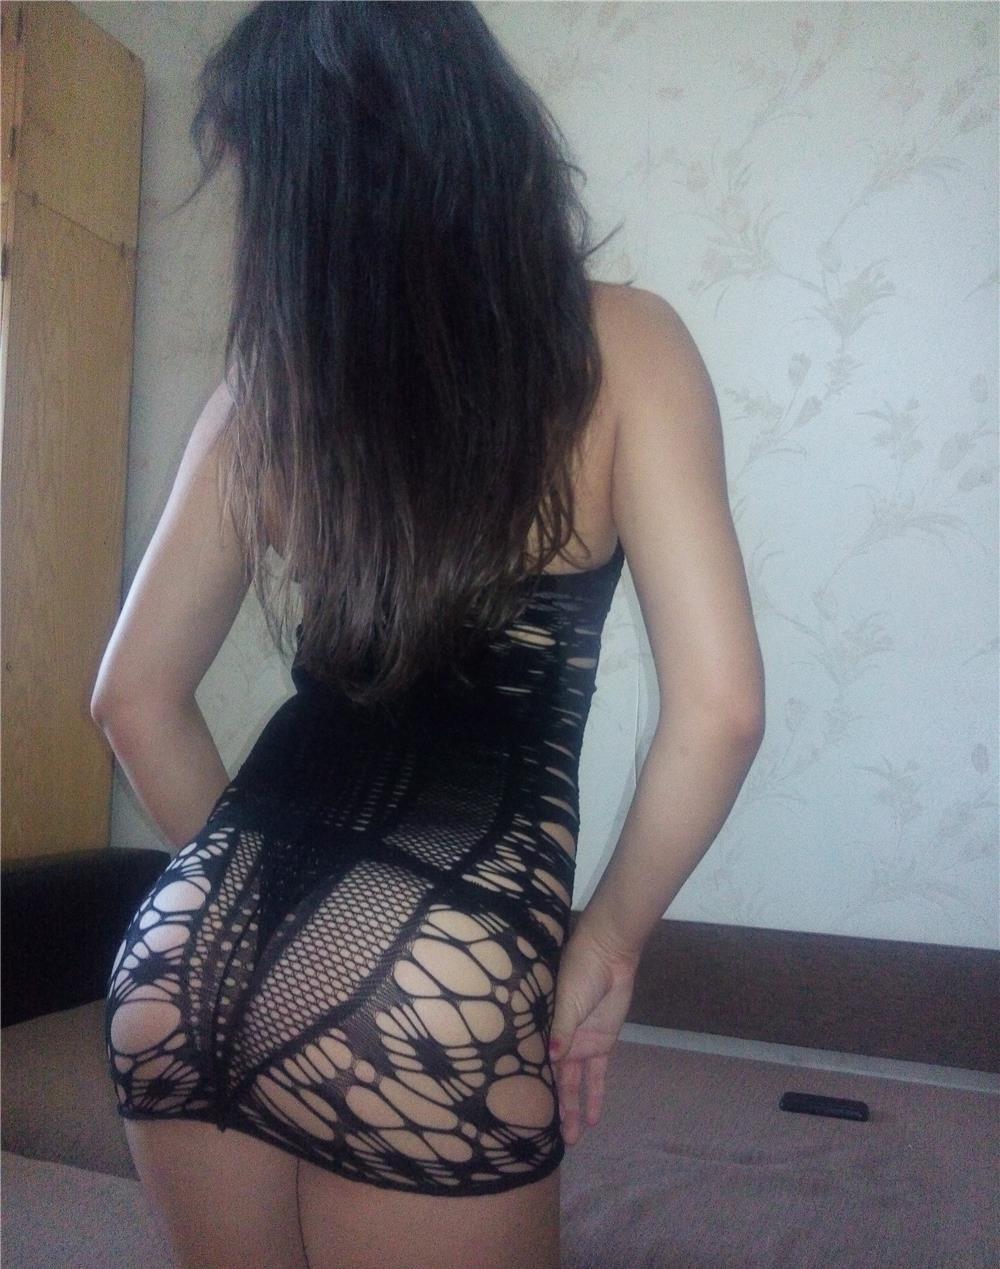 porno webcam eskorte dame